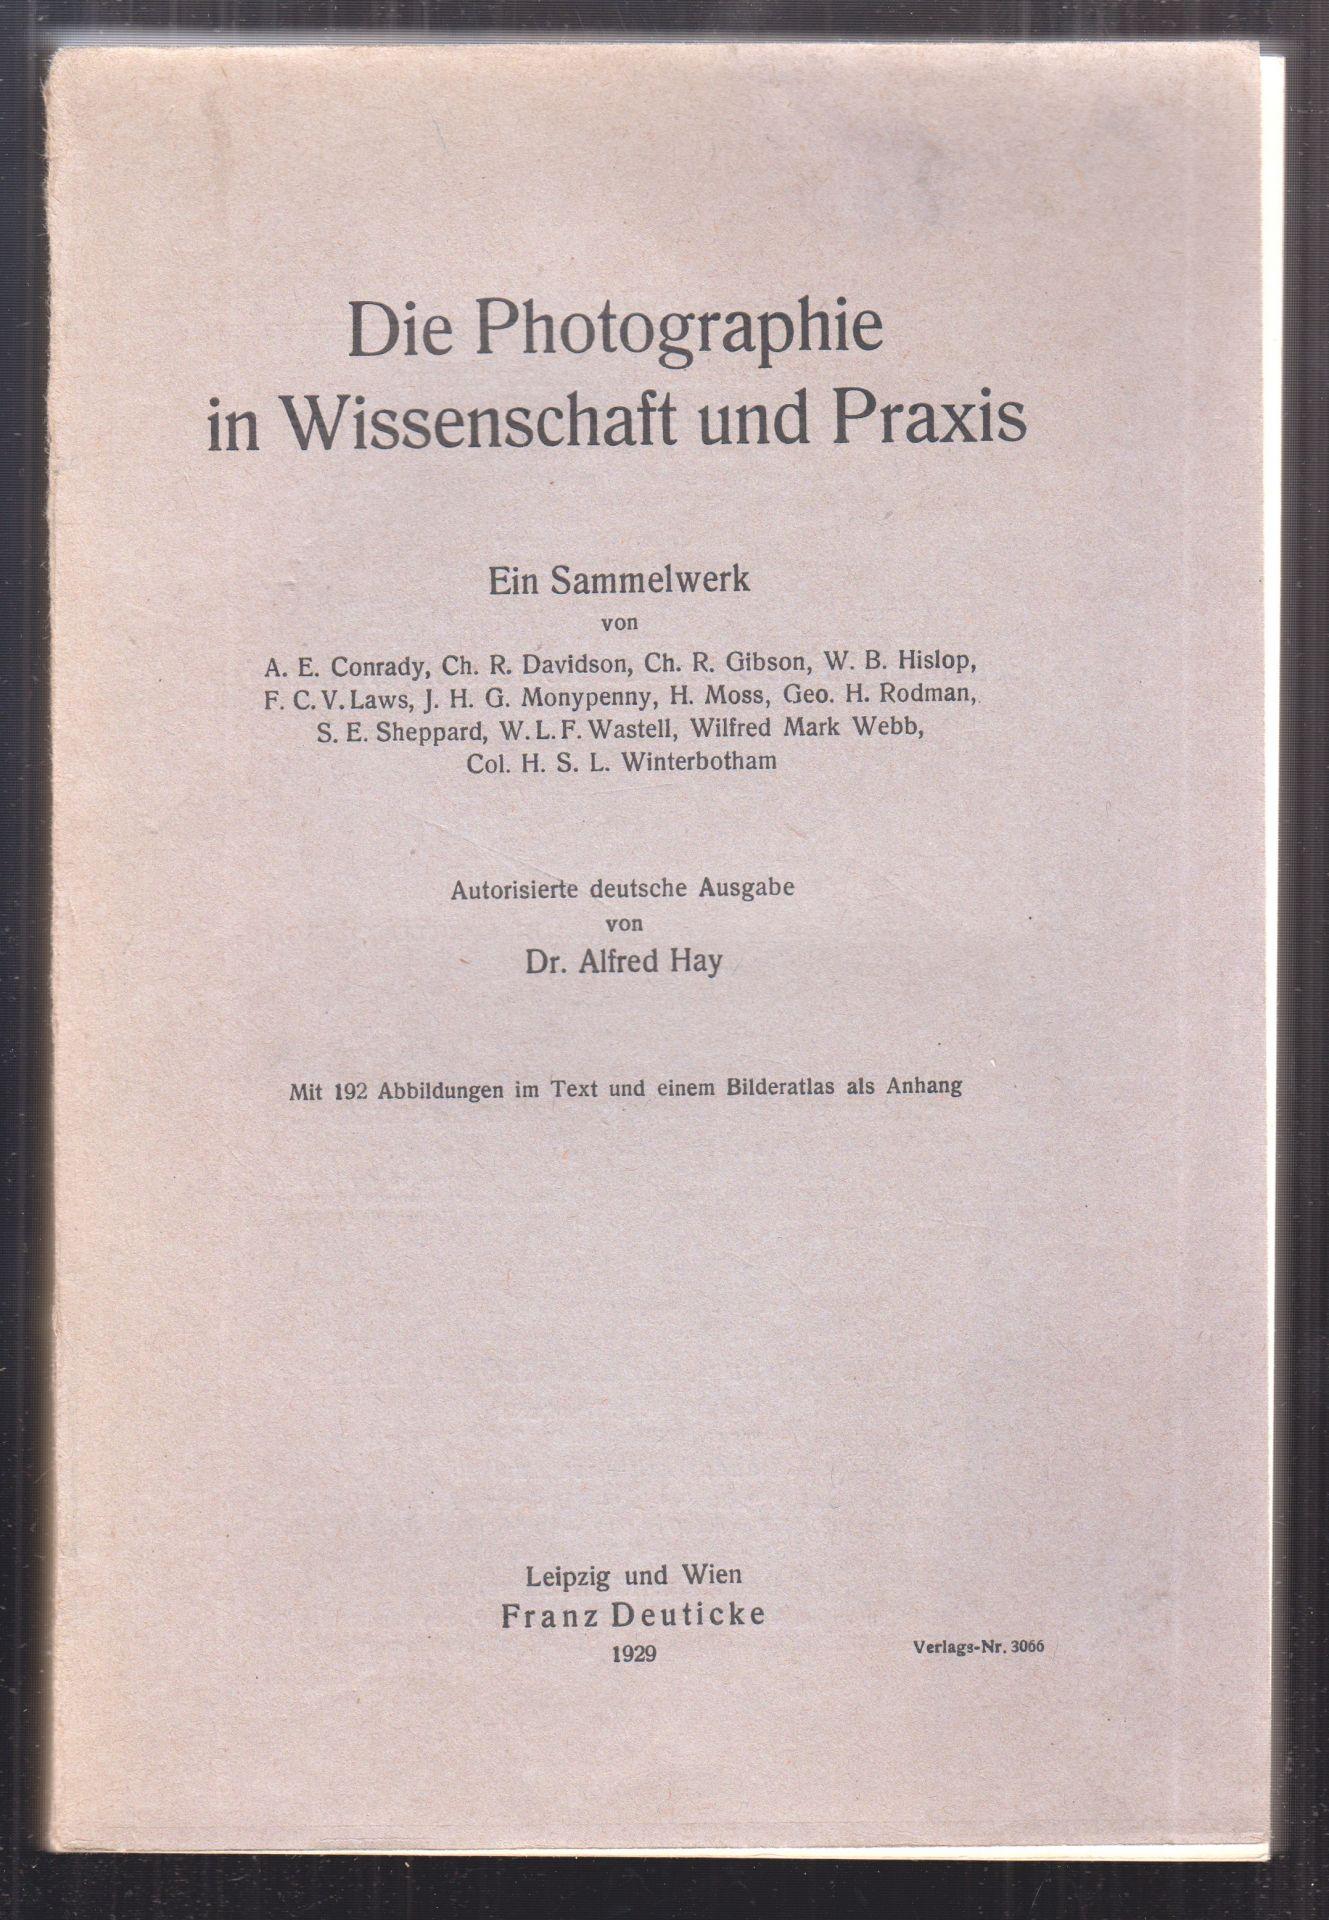 Die Photographie in Wissenschaft und Praxis. Ein Sammelwerk. Autorisierte deutsche Ausgabe von Alfred Hay.